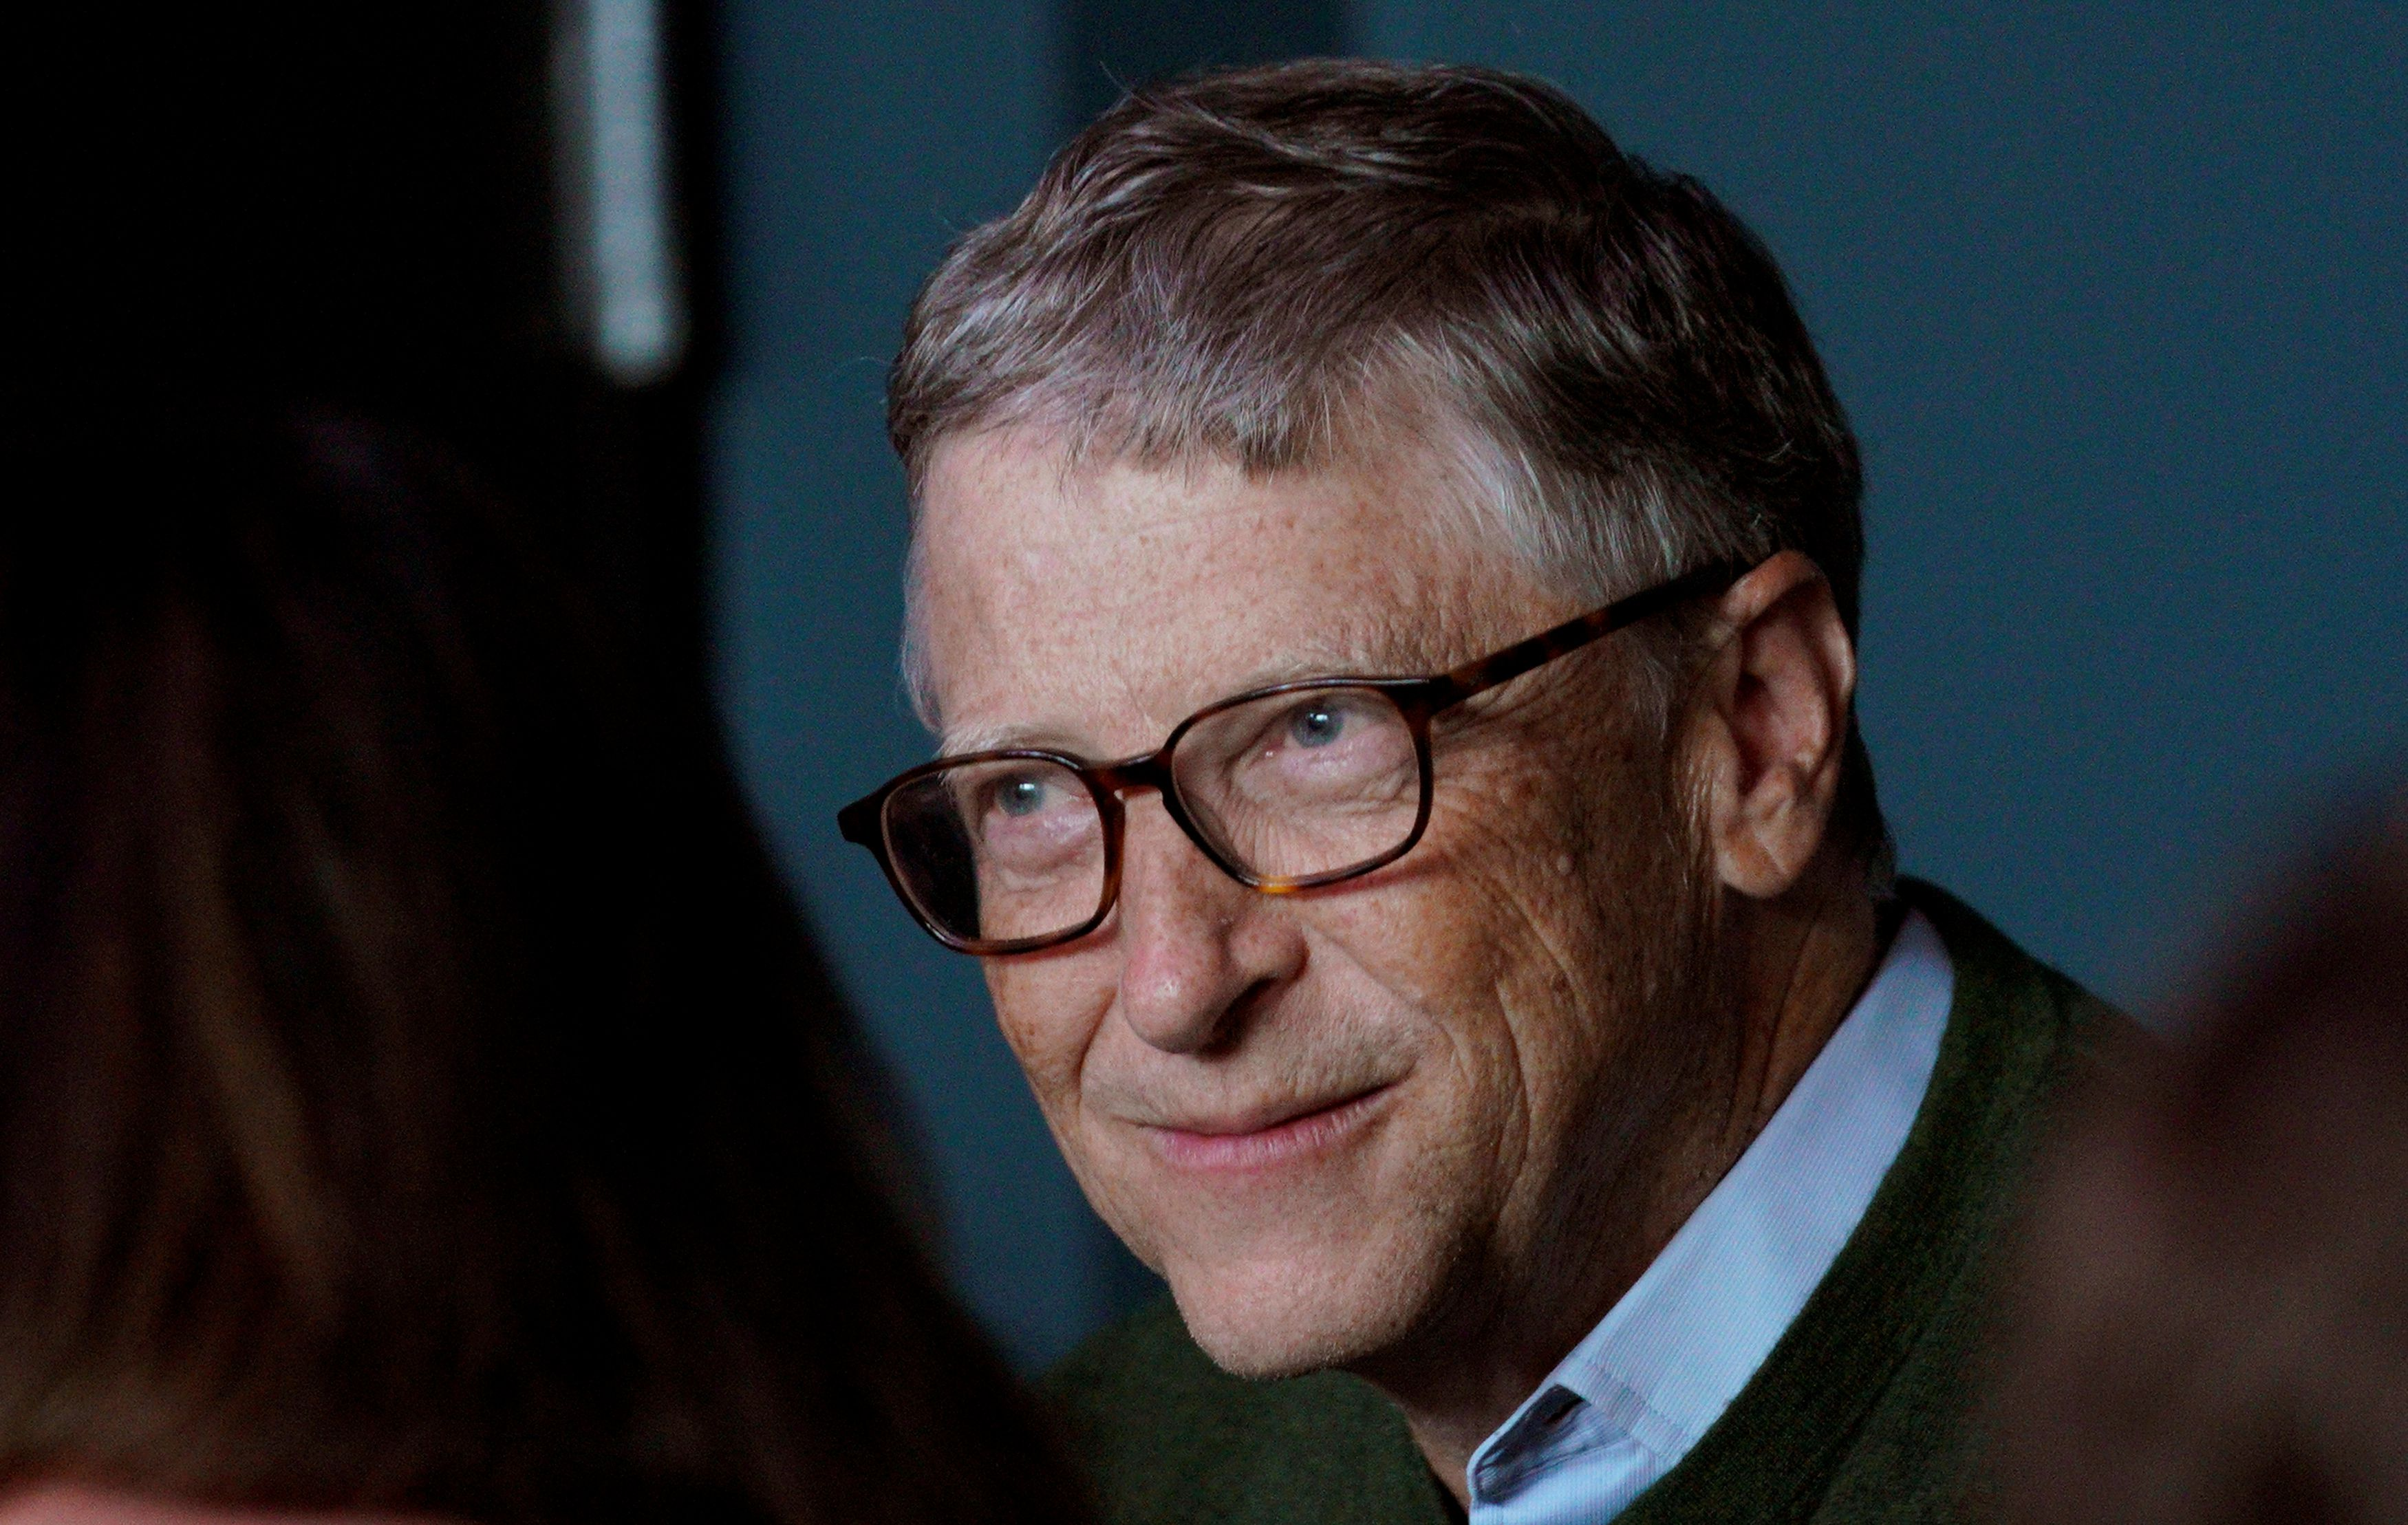 """Bill Gates publicó el libro """"Negocios a la velocidad del pensamiento"""" (Business, the Speed of Thought). En el mismo habla también sobre la expansión del internet. REUTERS/Rick Wilking/File Photo"""